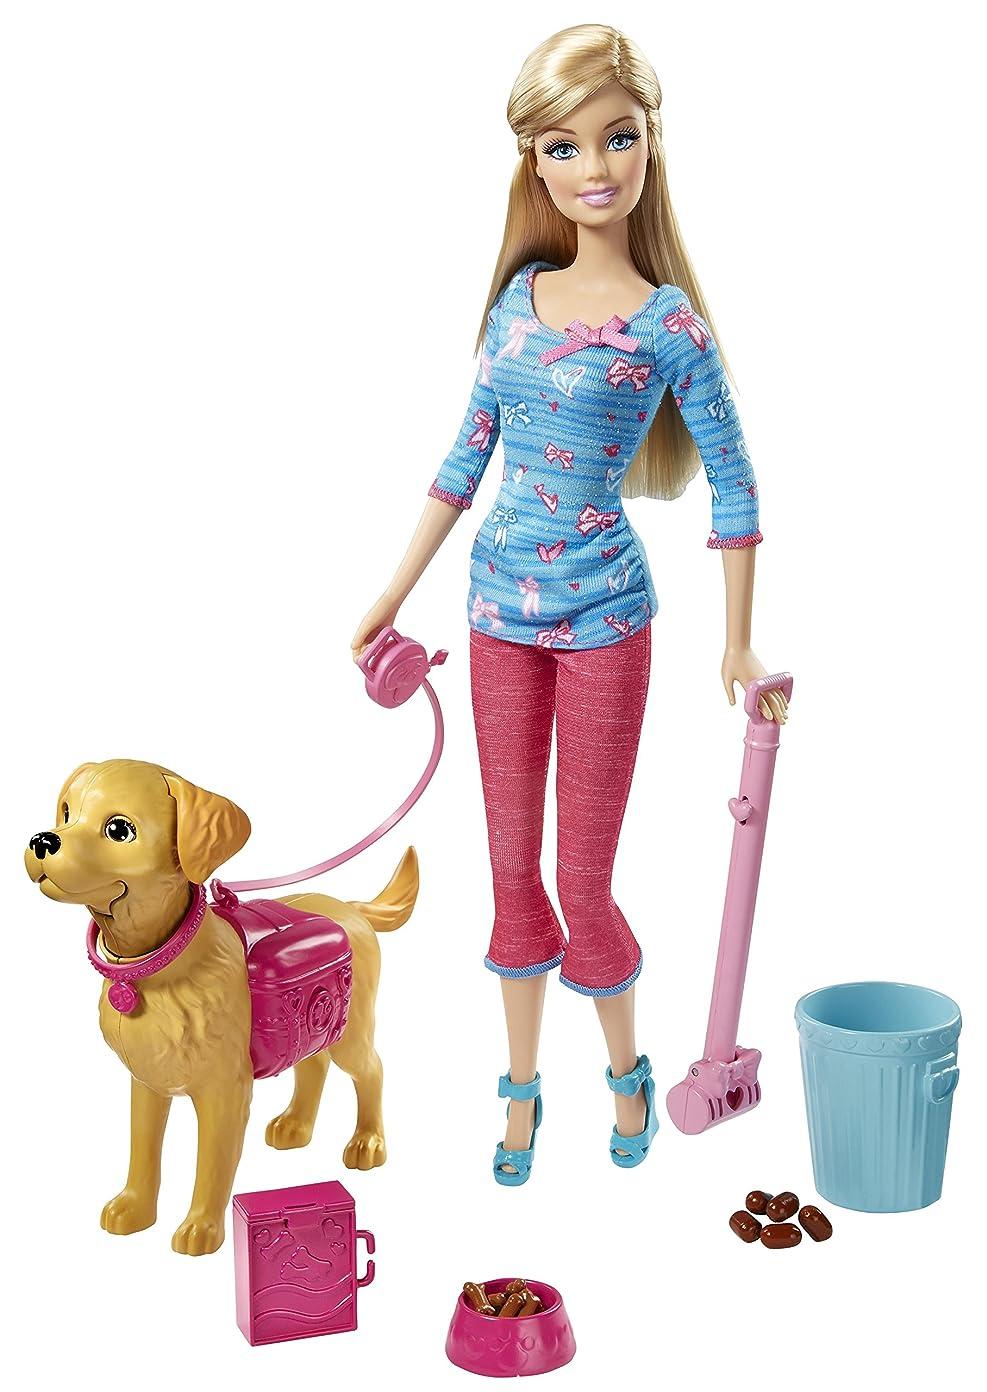 国勢調査化学者ビジネスバービー BARBIE 人形 ペット タフィ 犬のしつけ プレイセット[並行輸入品]